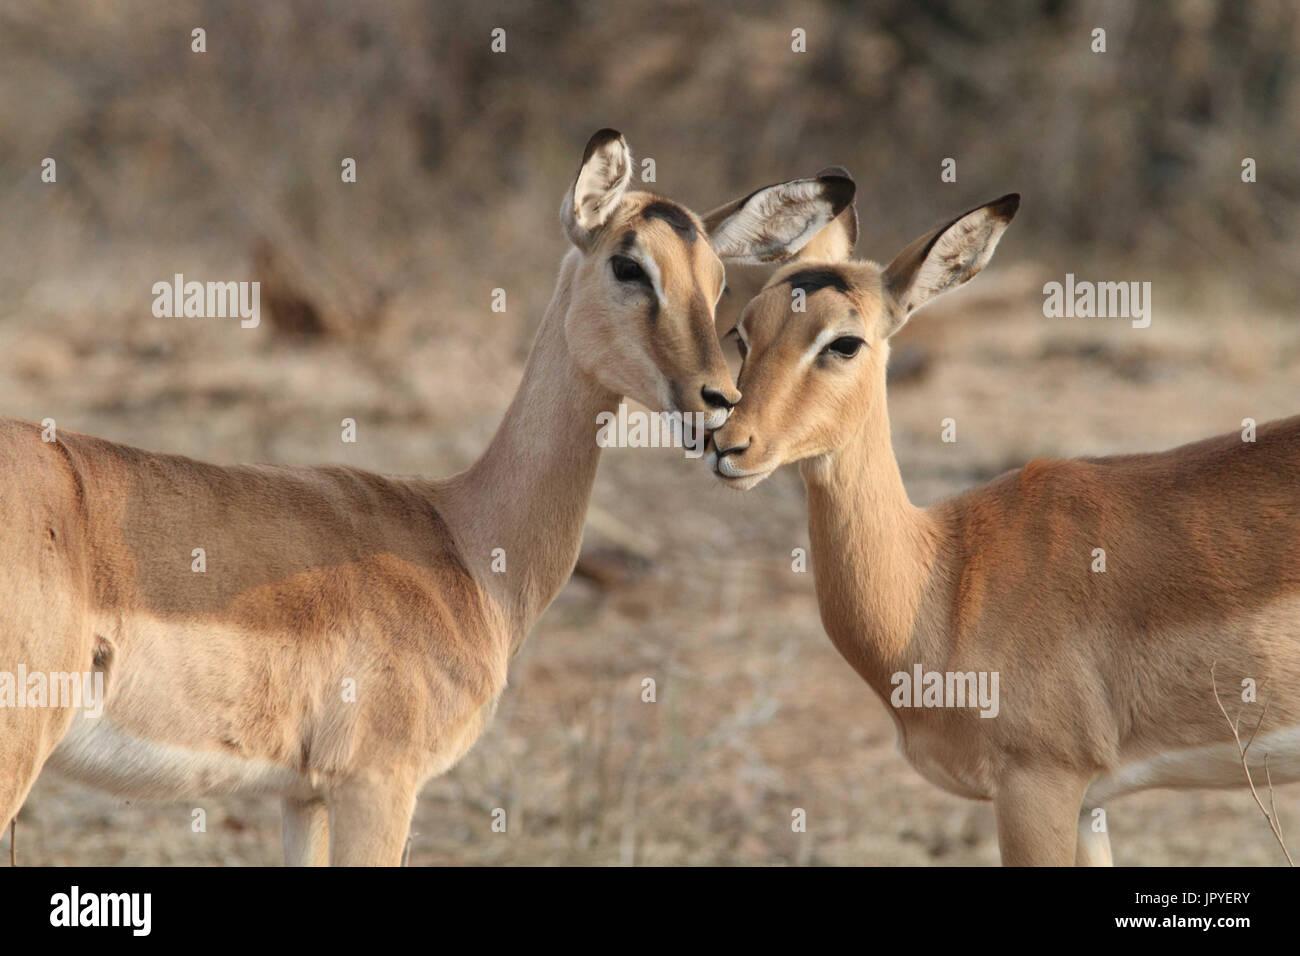 De câliner Les impalas dans la savane - Afrique du Sud Photo Stock